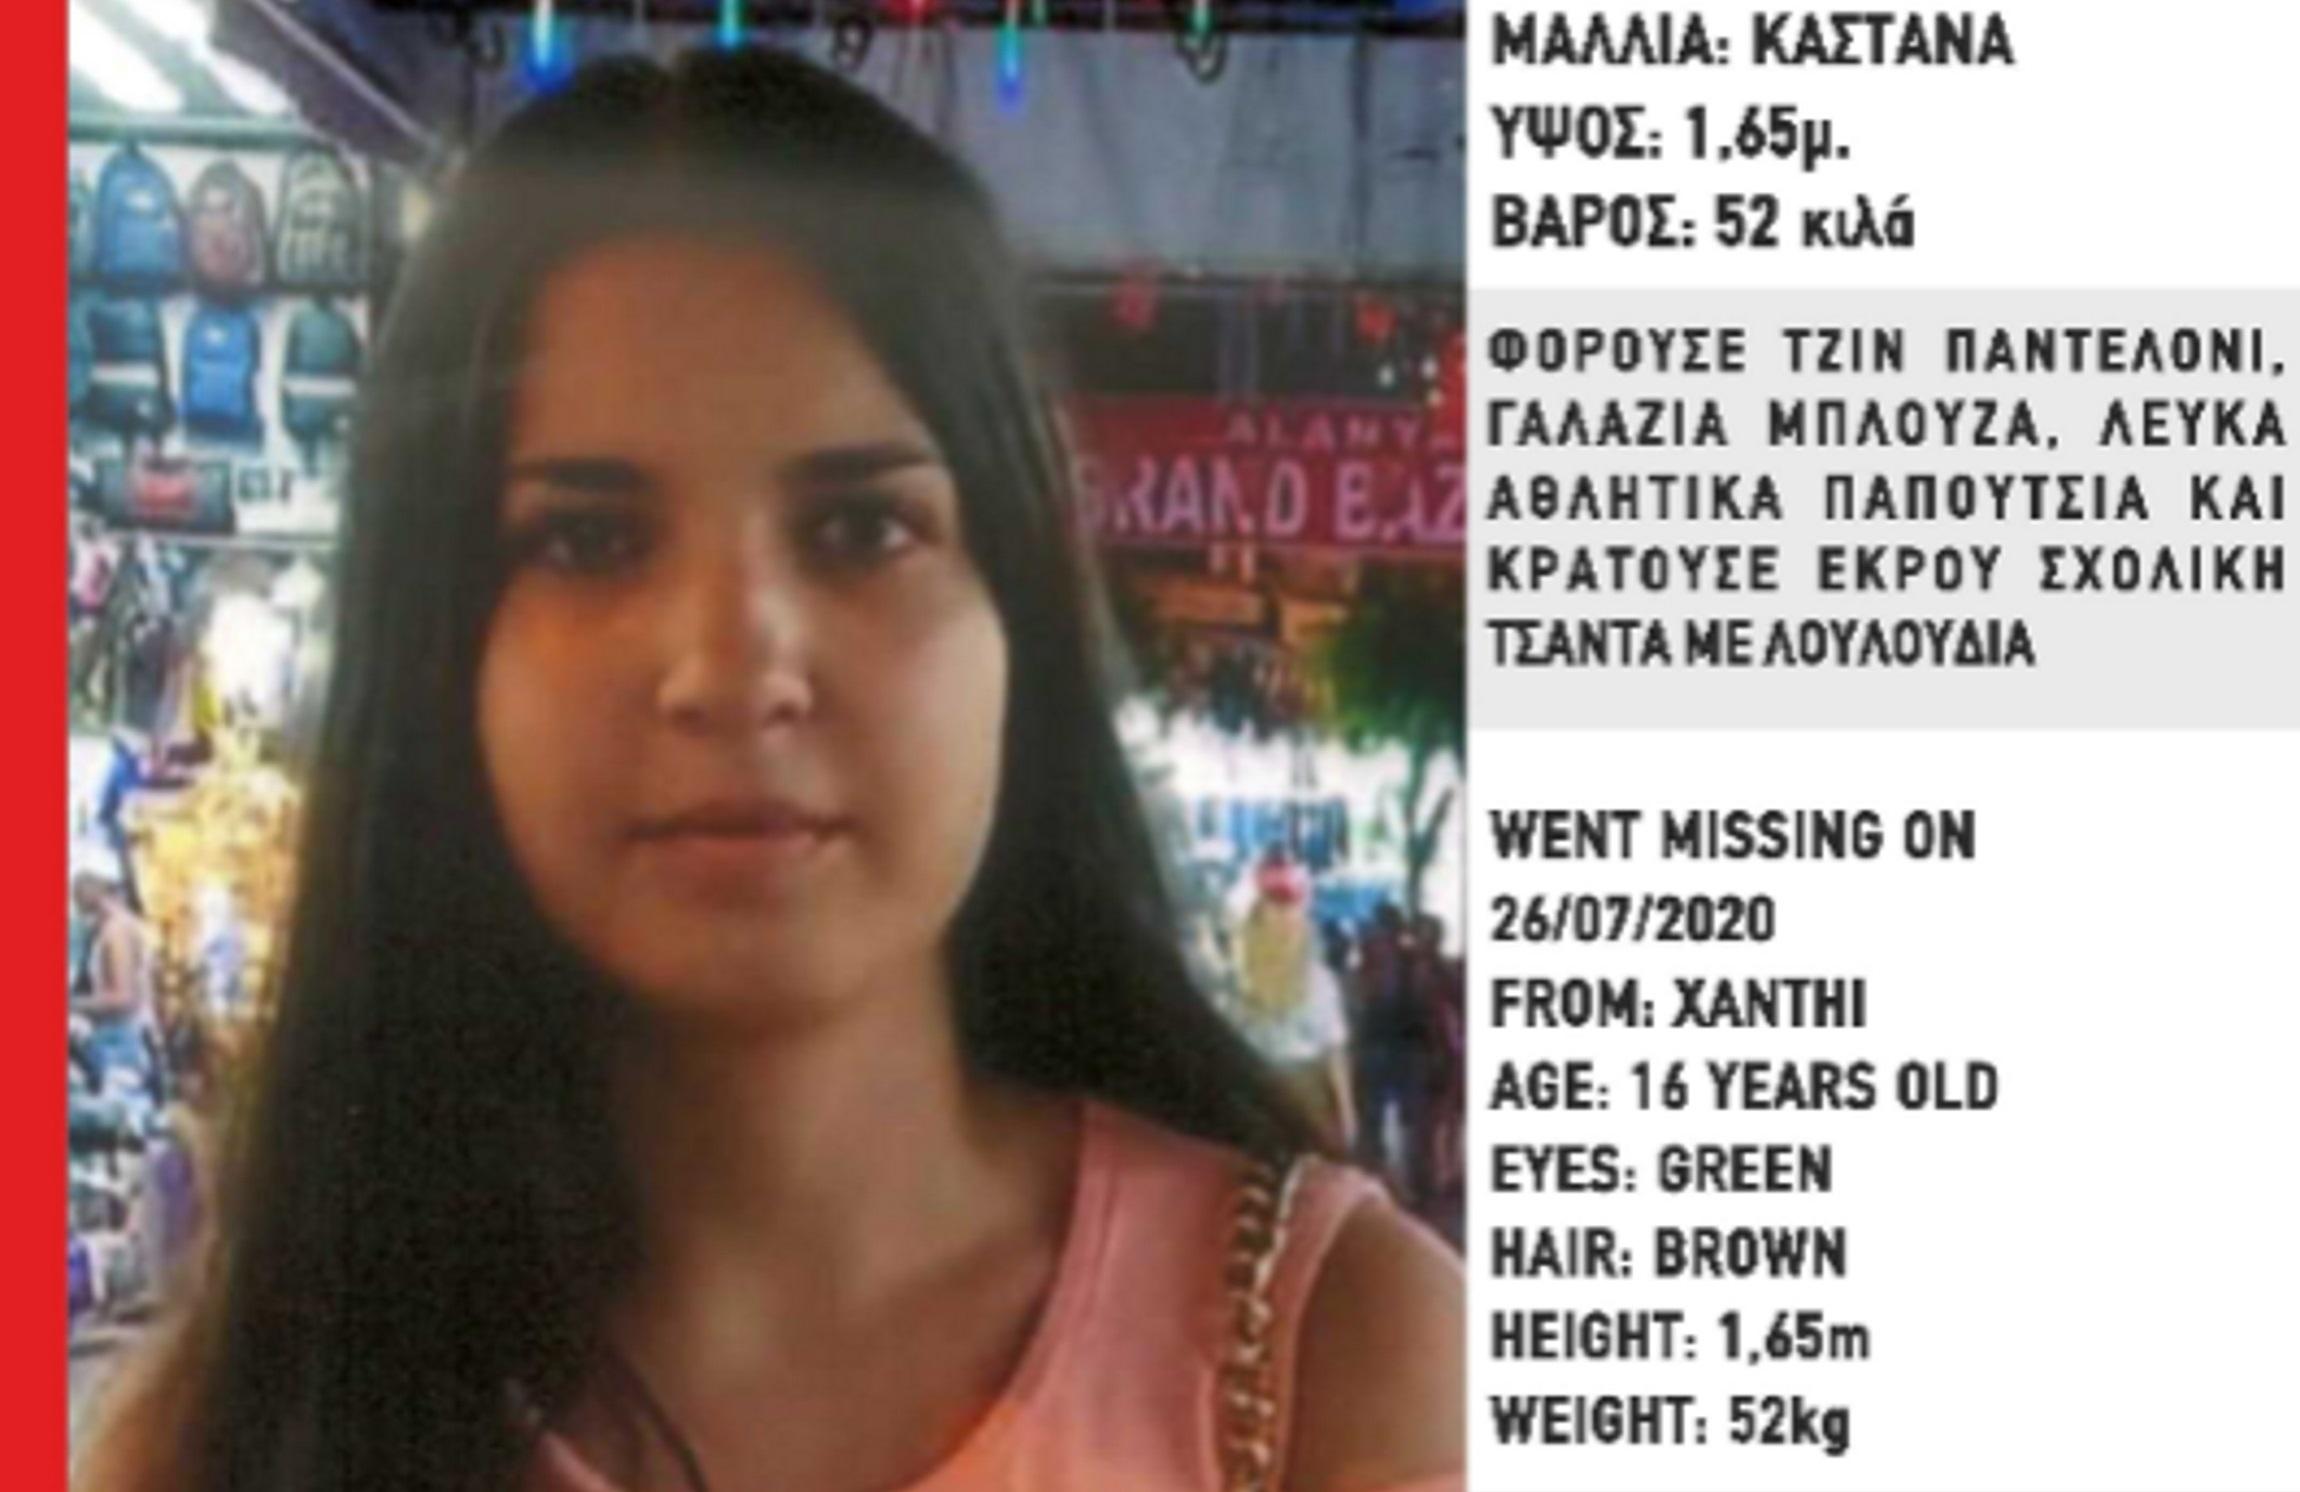 Εξαφάνιση 16χρονης κοπέλας στην Ξάνθη! Έκκληση του Χαμόγελου του Παιδιού